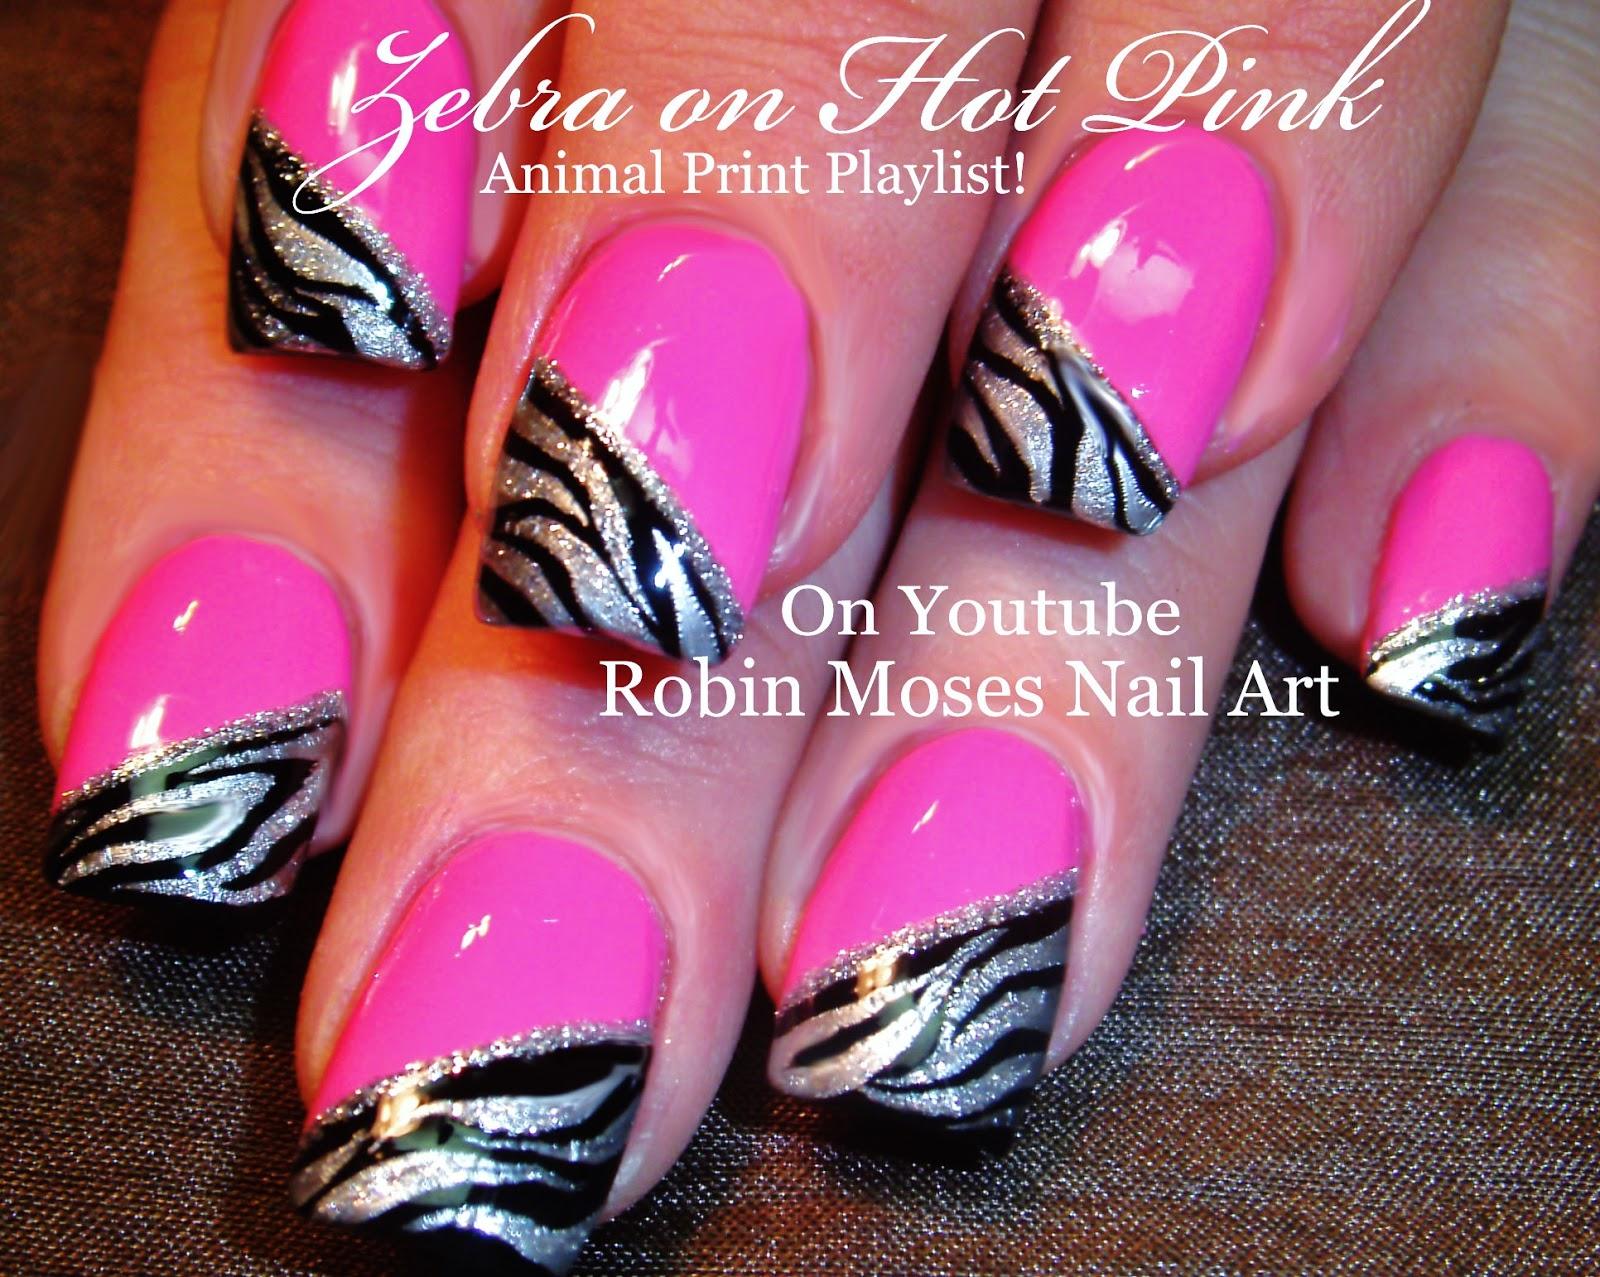 Robin Moses Nail Art: Hot Pink Nails with Black and Silver ...